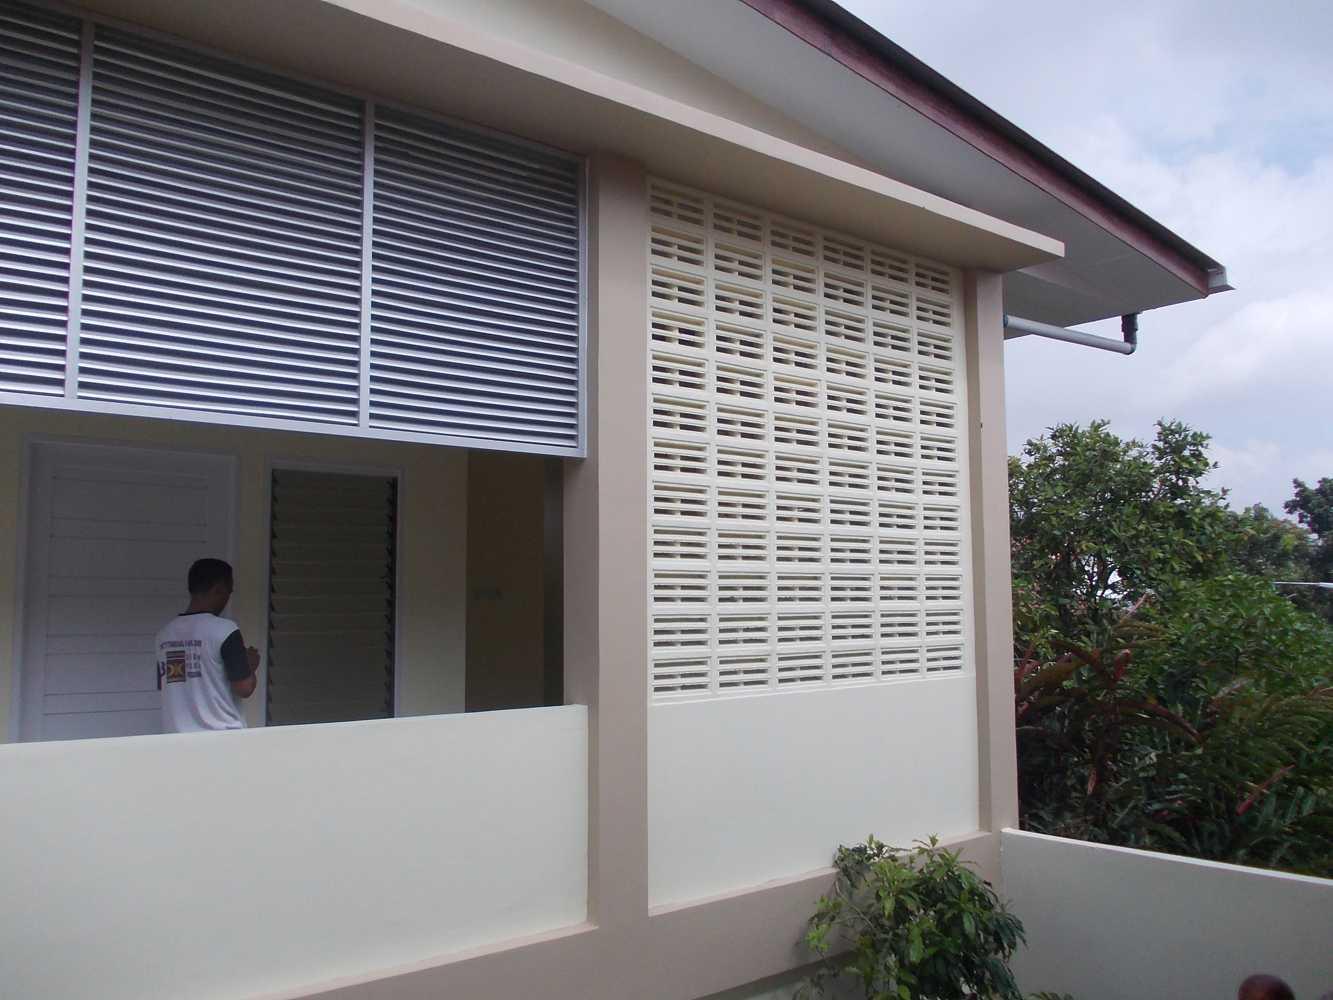 Cv. Griya Cipta Studio Dapur Sentarum Pontianak, Kota Pontianak, Kalimantan Barat, Indonesia Pontianak, Kota Pontianak, Kalimantan Barat, Indonesia Exterior View Tropis  46242